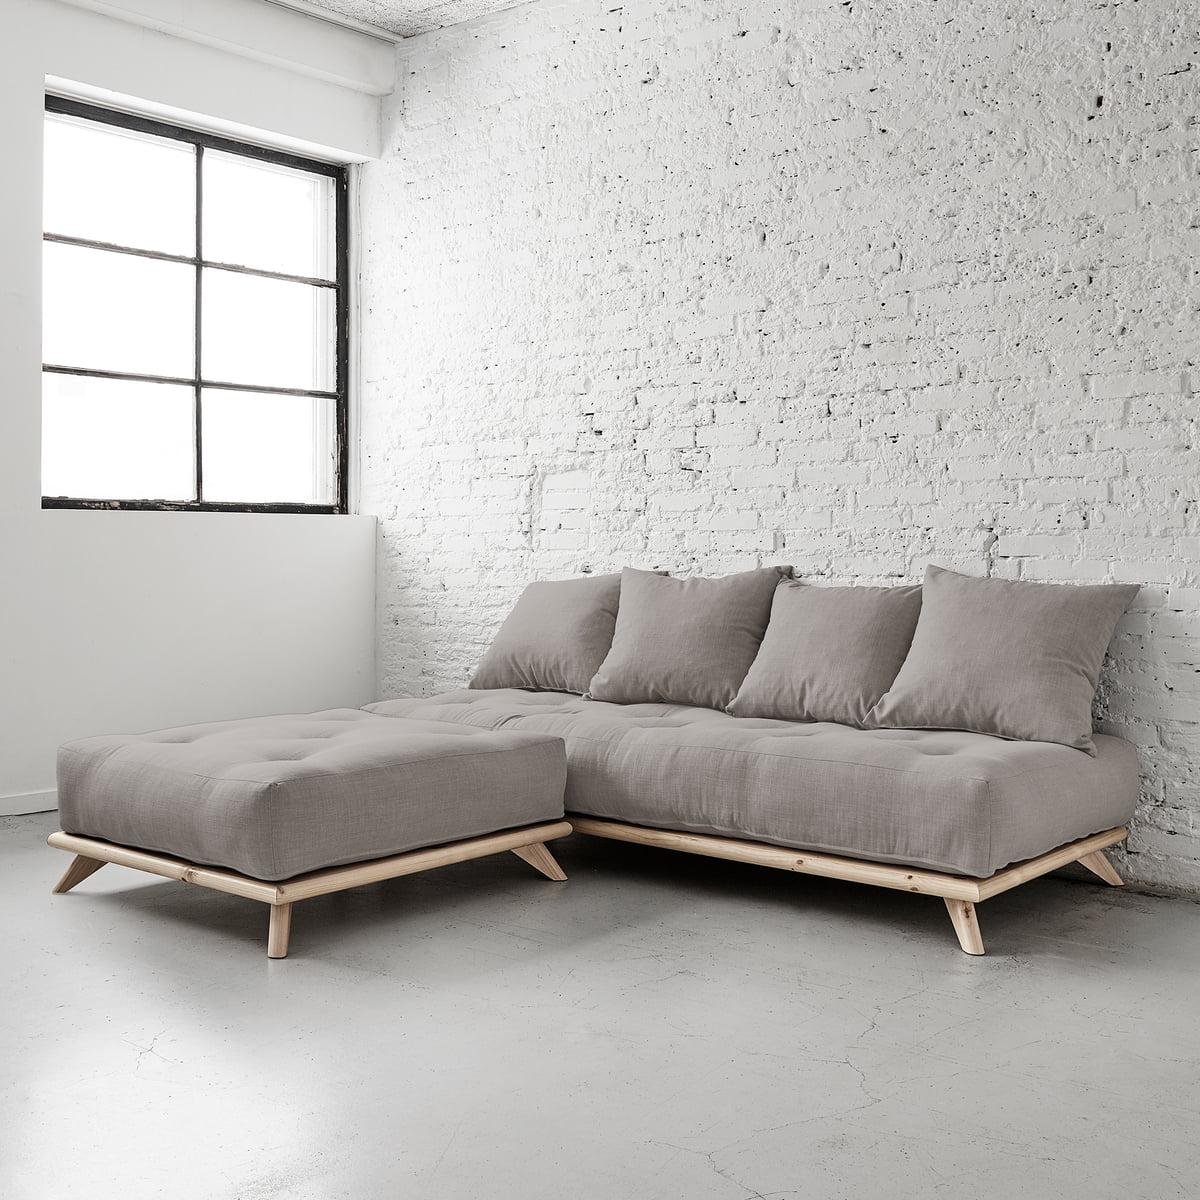 karup design senza sofa connox. Black Bedroom Furniture Sets. Home Design Ideas